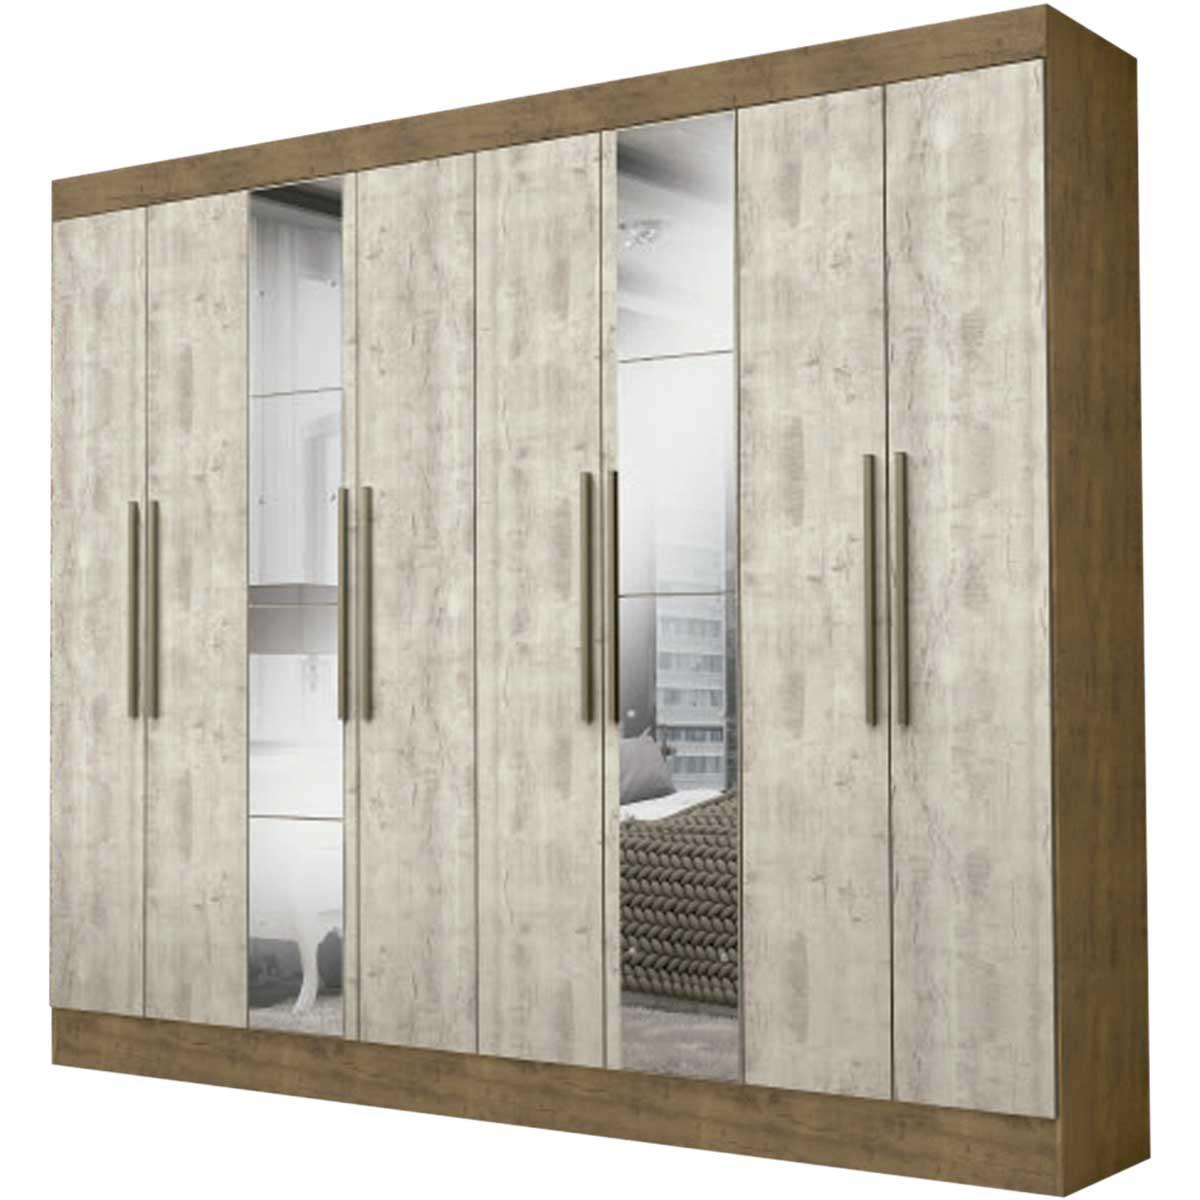 Armario Closet Moderno + Espejo 3 Puertas 2Cajones Color Ipe